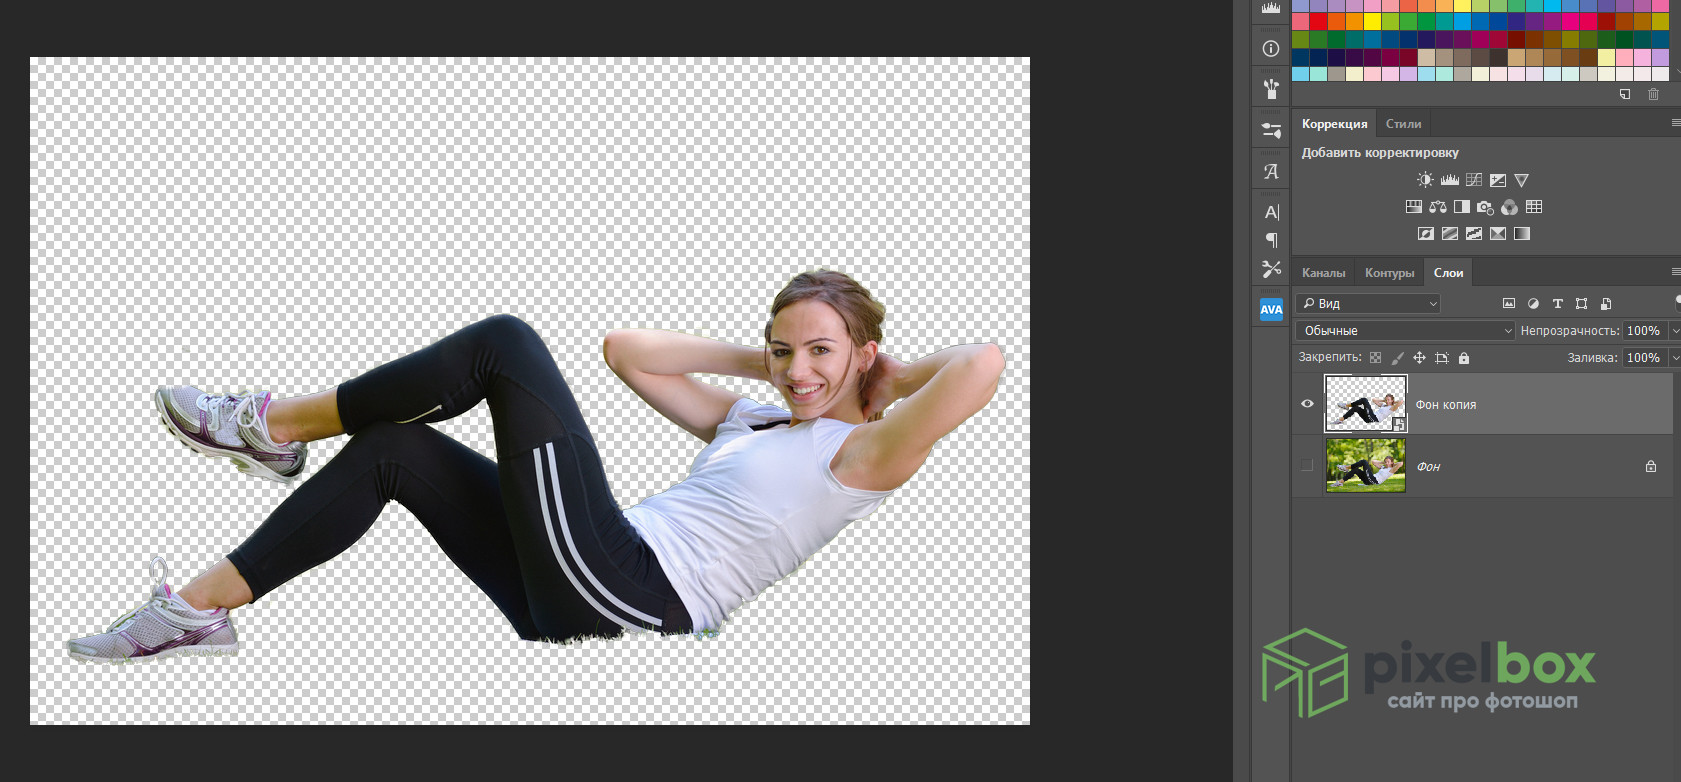 Как использовать марионеточную деформацию в Photoshop для преображения композиции